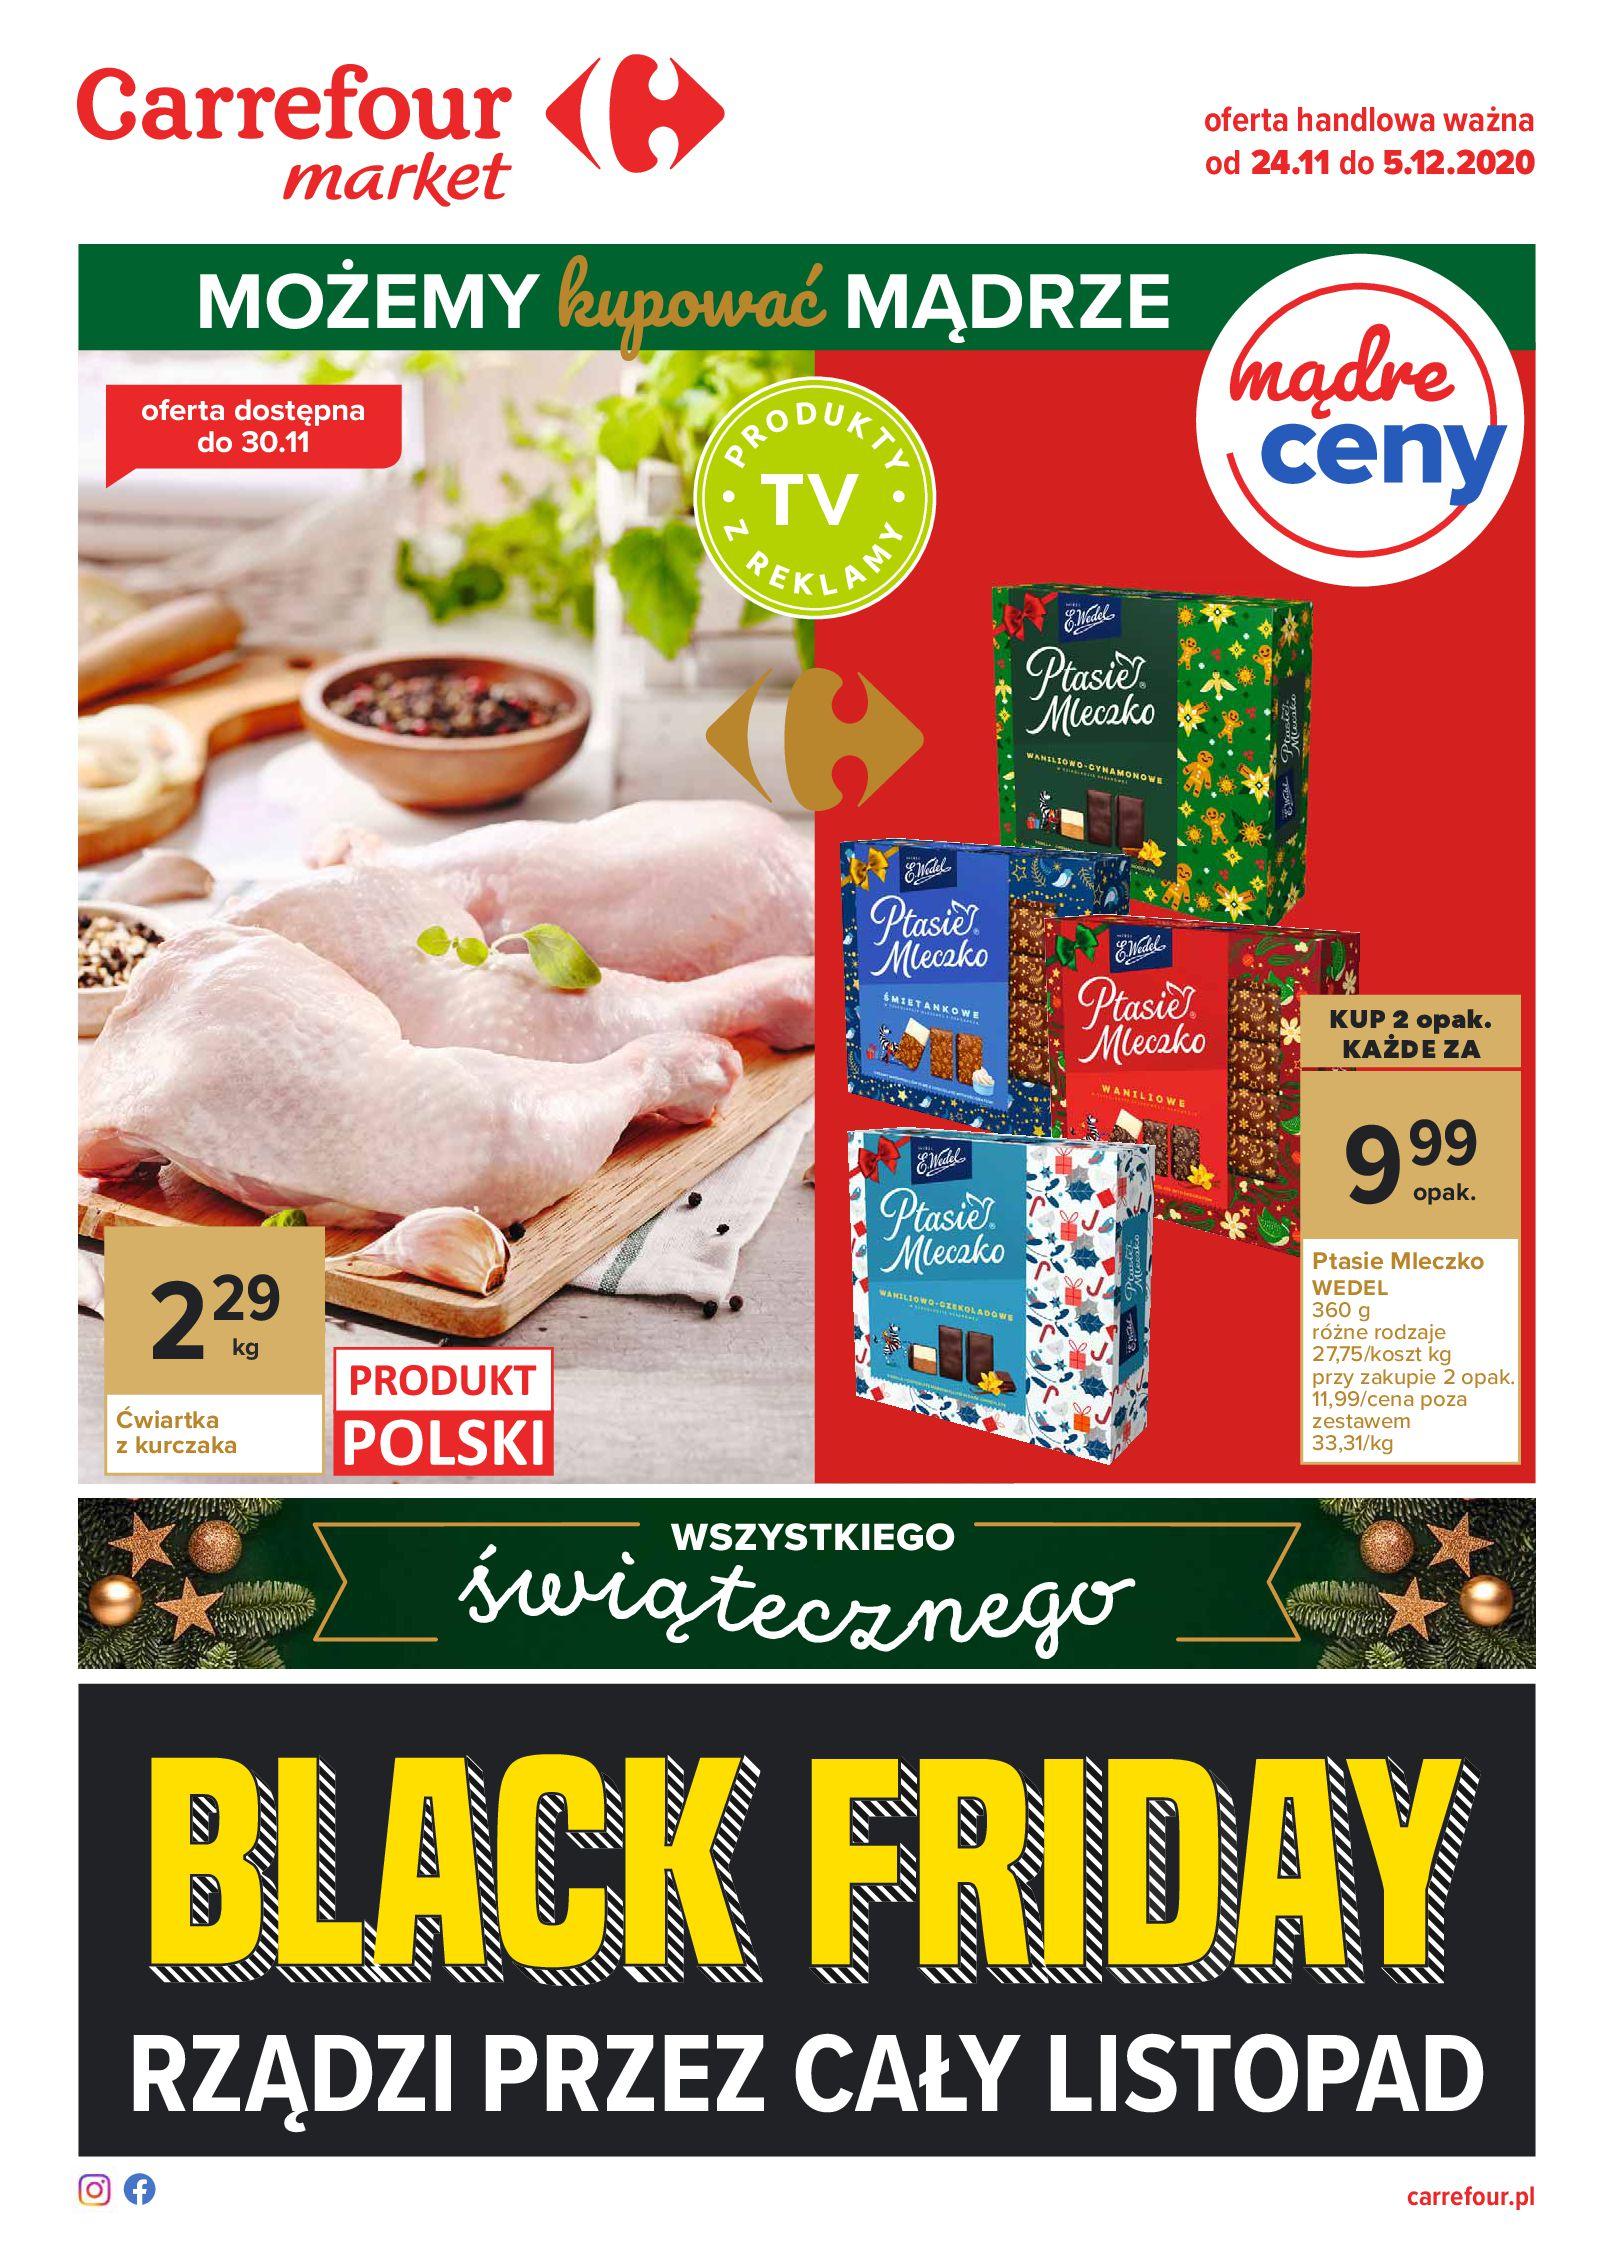 Carrefour Market:  Oferta handlowa 23.11.2020